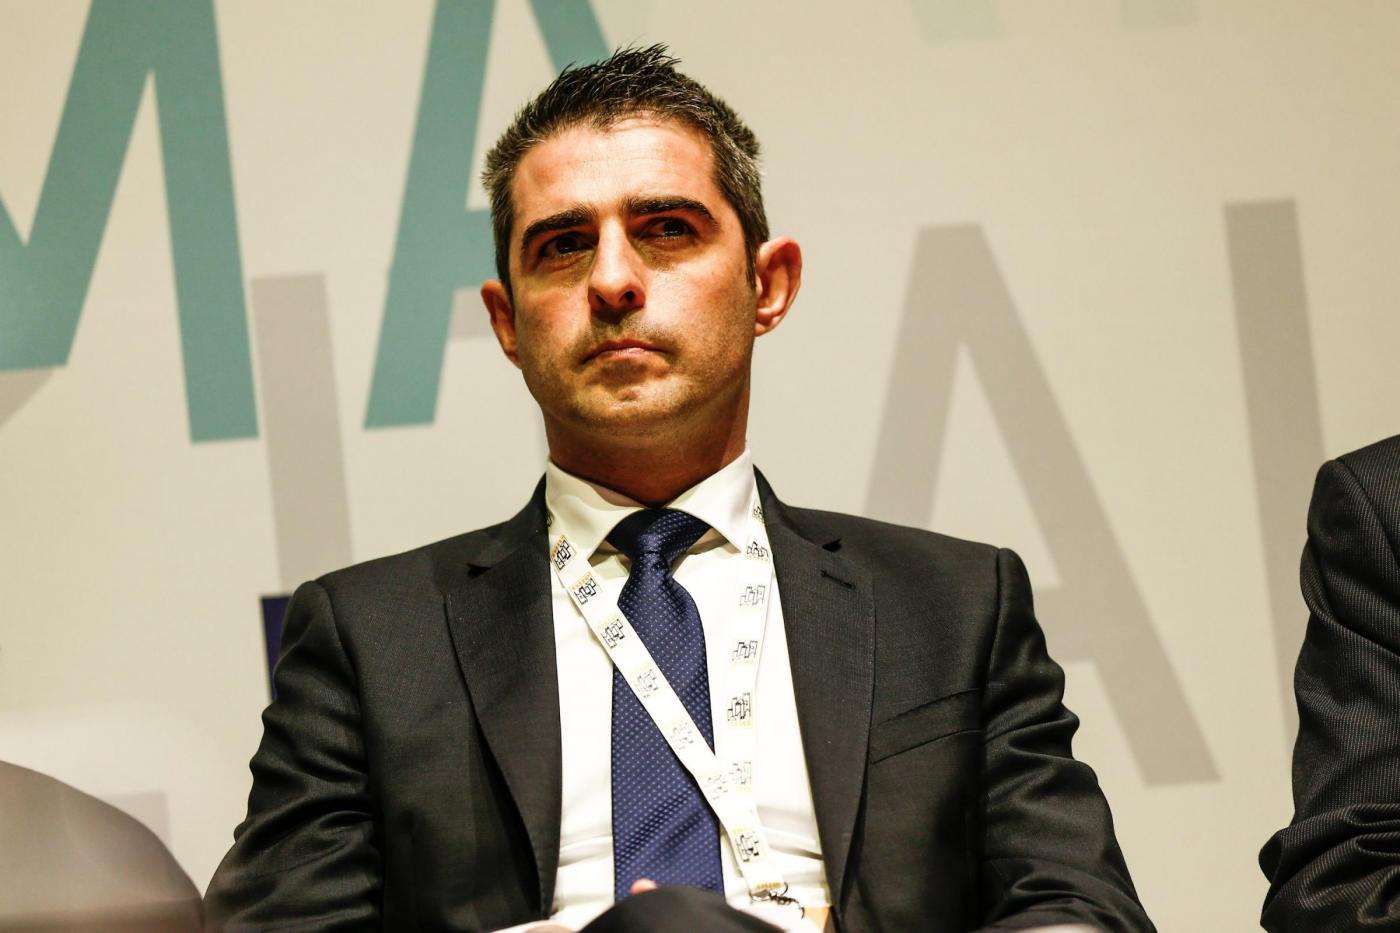 Federico Pizzarotti sospeso dal Movimento 5 Stelle su richiesta di Casaleggio Jr